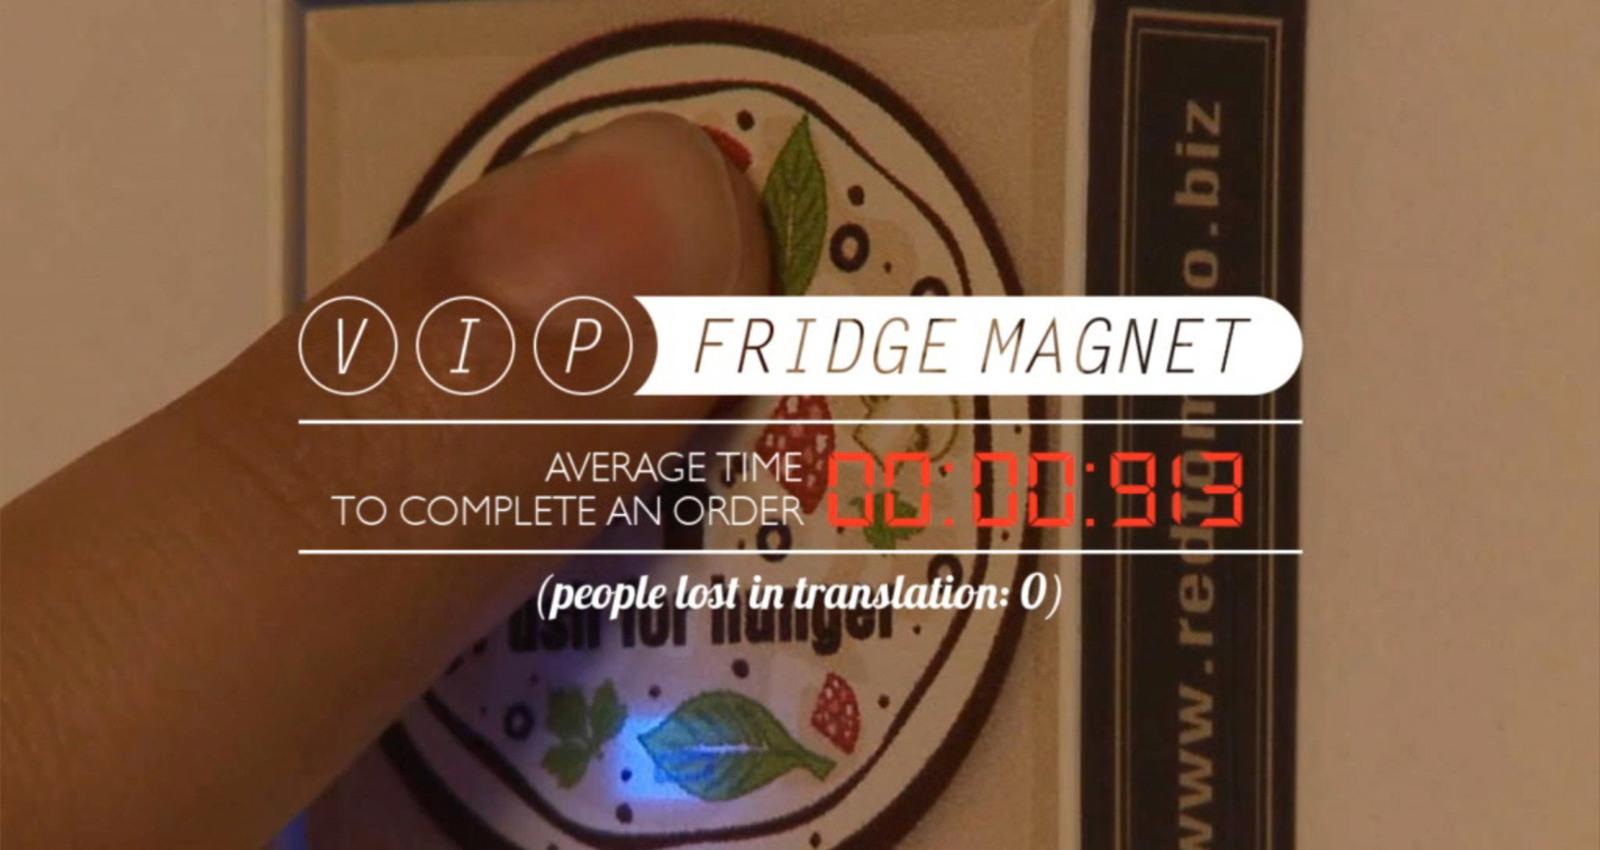 VIP Fridge Magnet